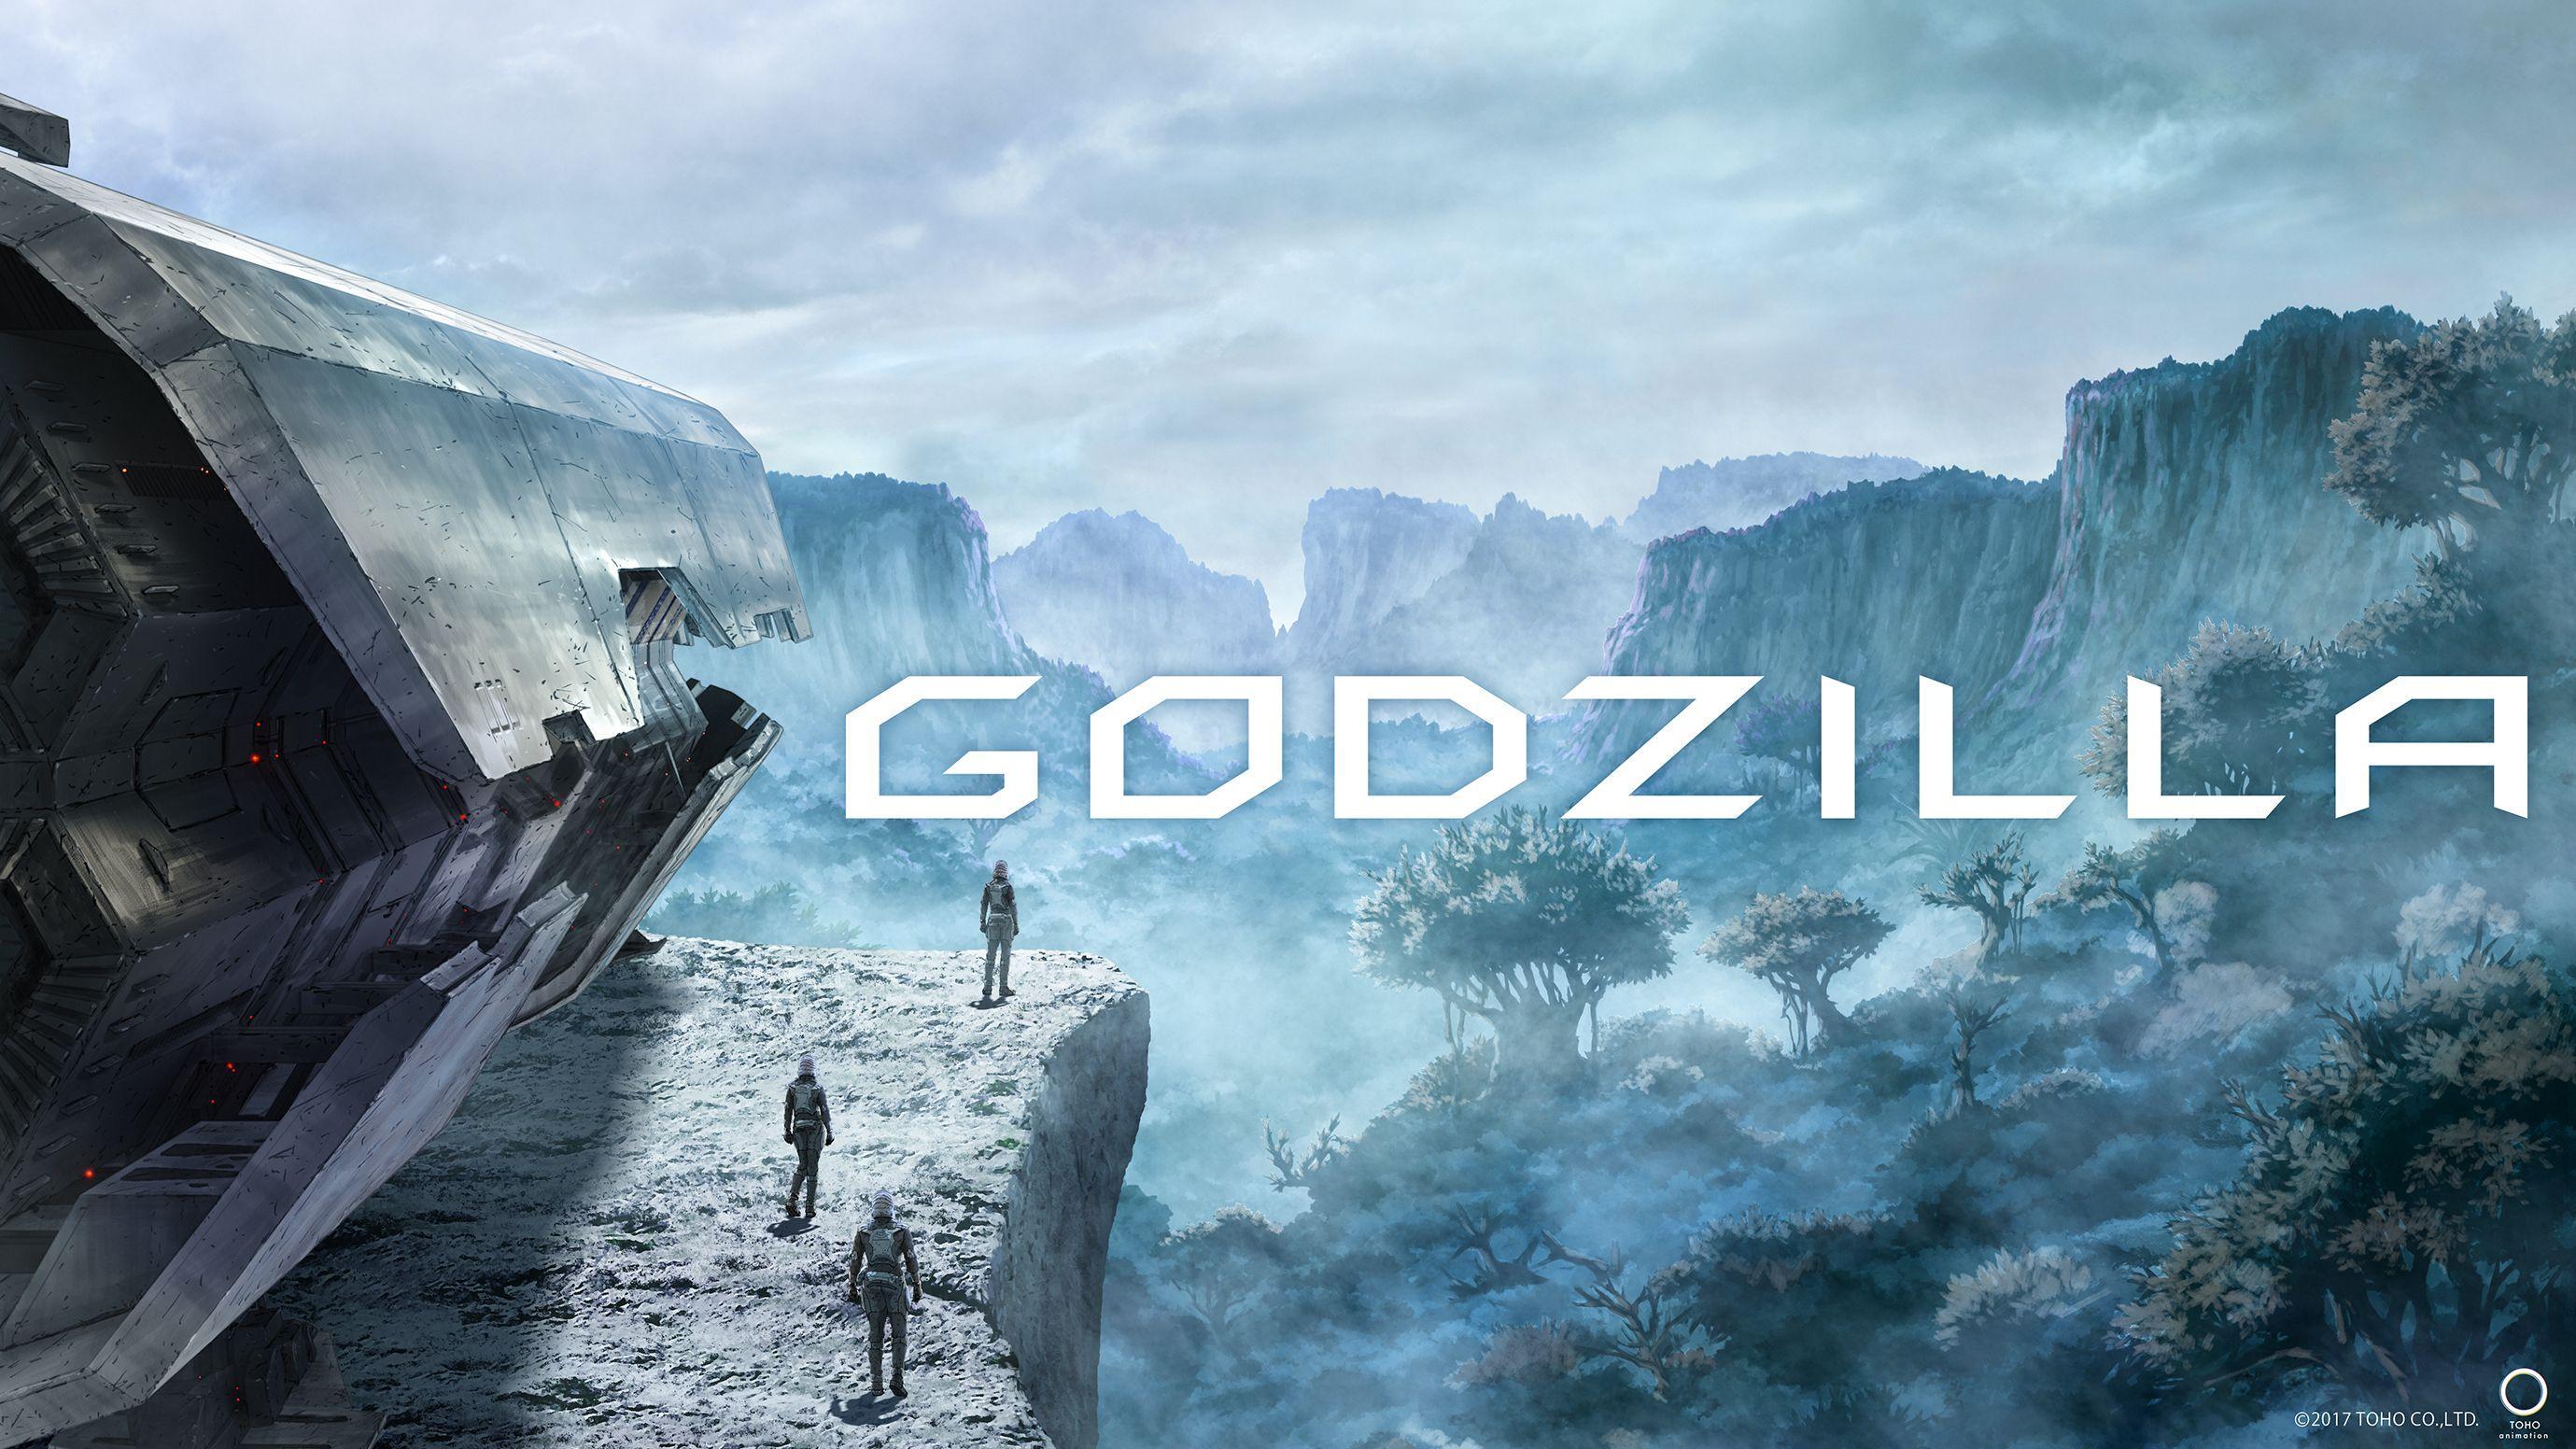 2759x1552 Hình nền Godzilla, Anime, 2017, độ phân giải cao, Anime